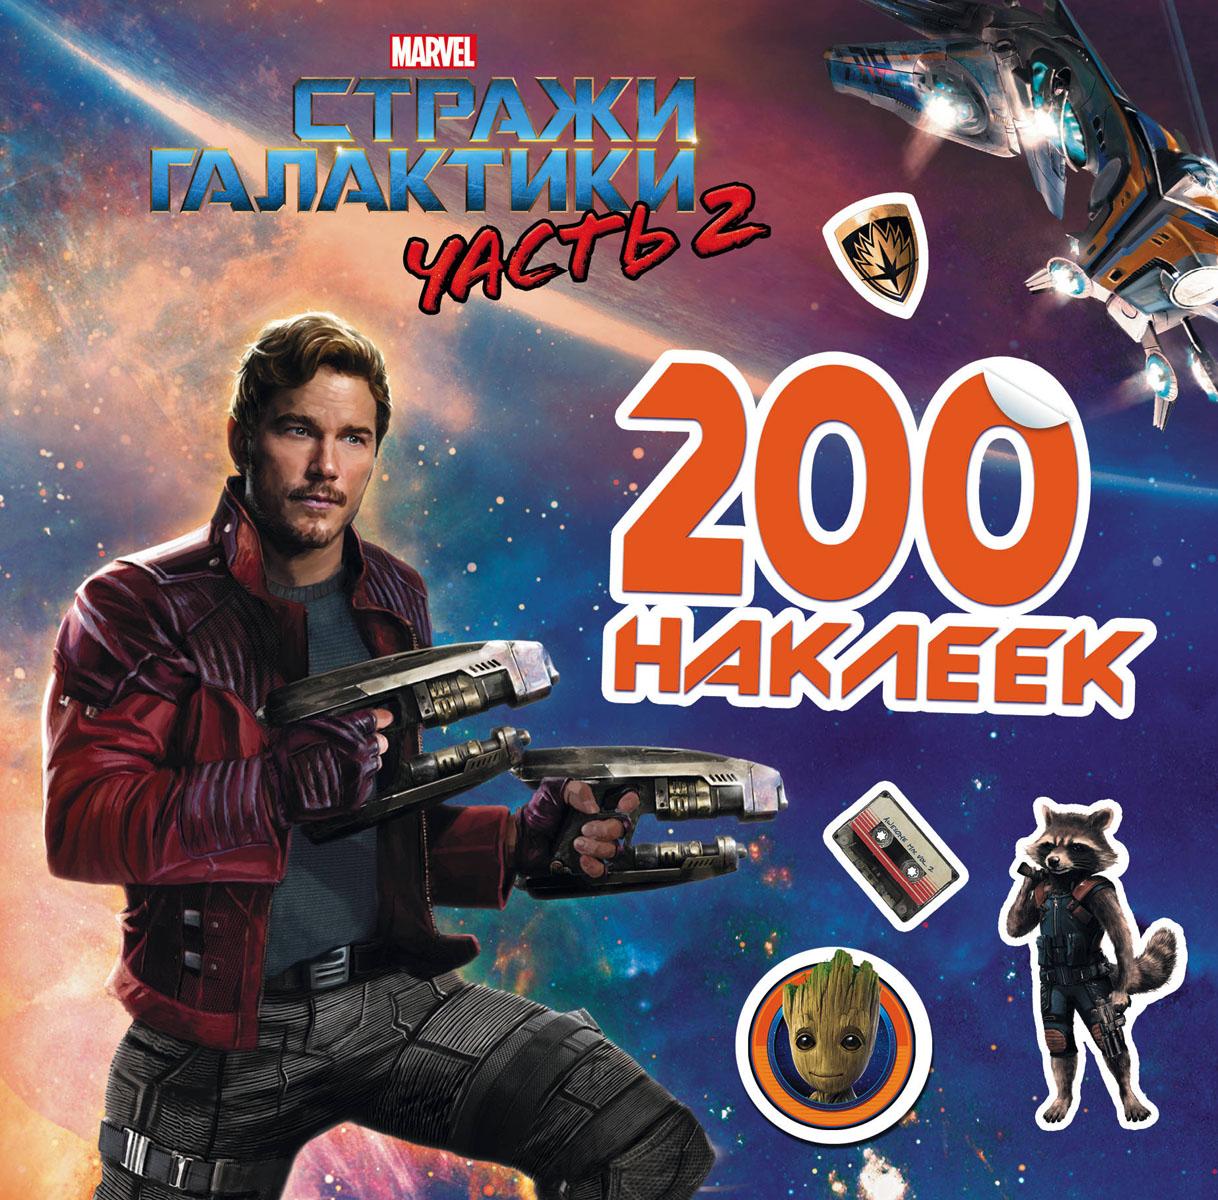 Стражи Галактики 2. 200 наклеек ульянова м ред стражи галактики часть 2 альбом 200 наклеек